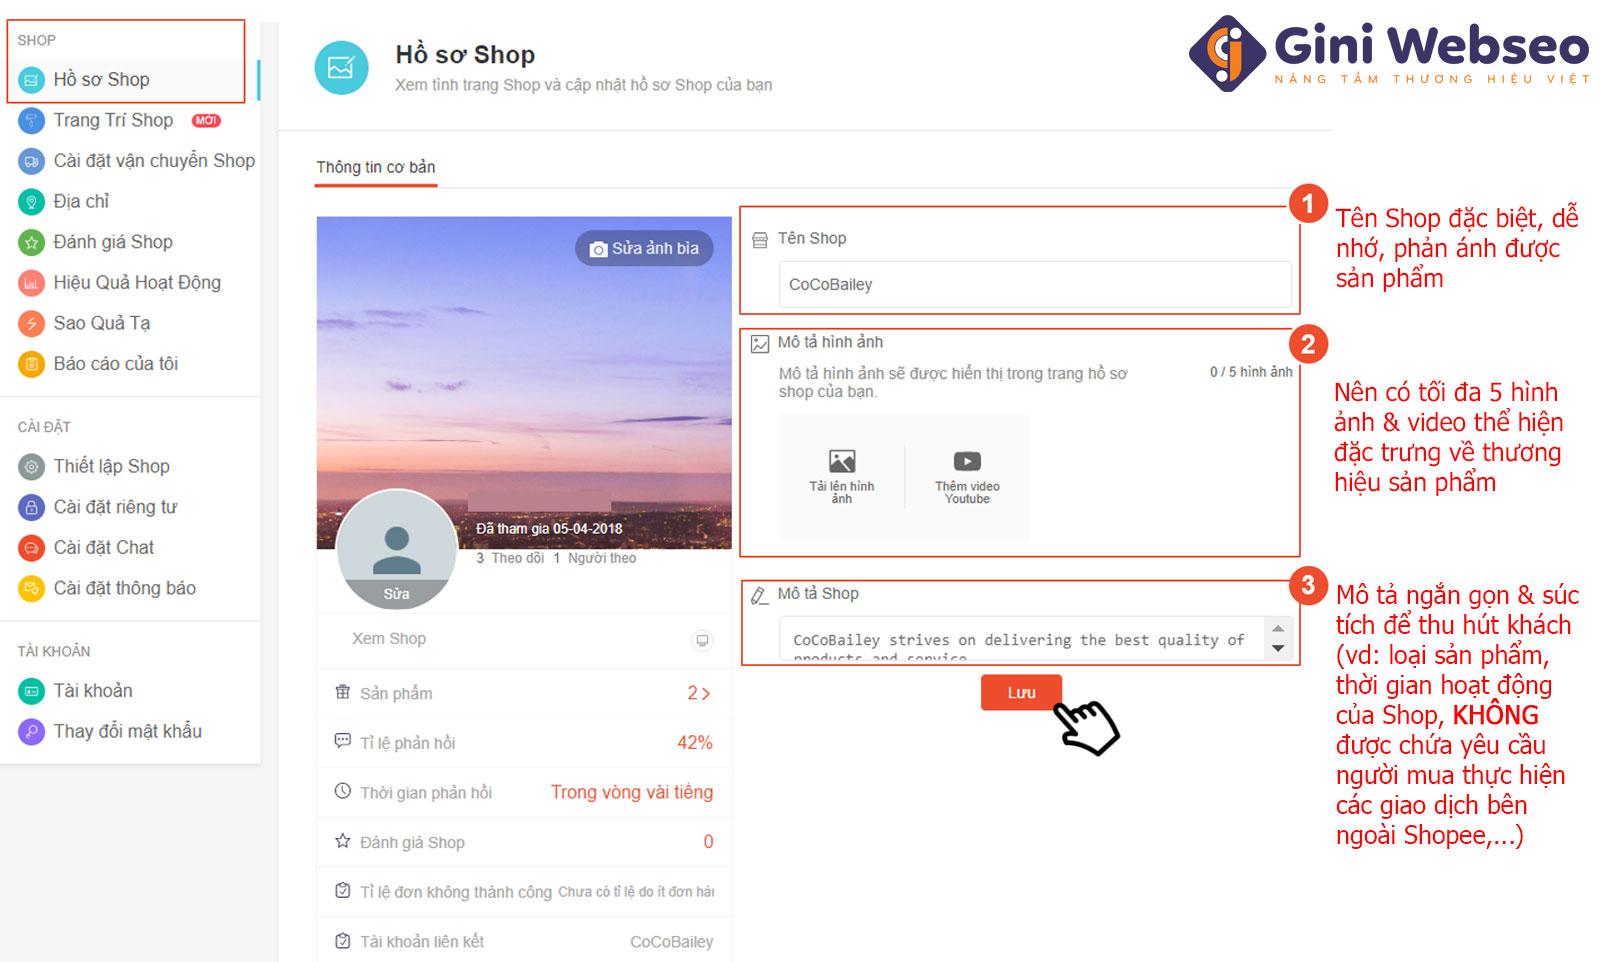 Làm sao để bắt đầu bán hàng trên Shopee